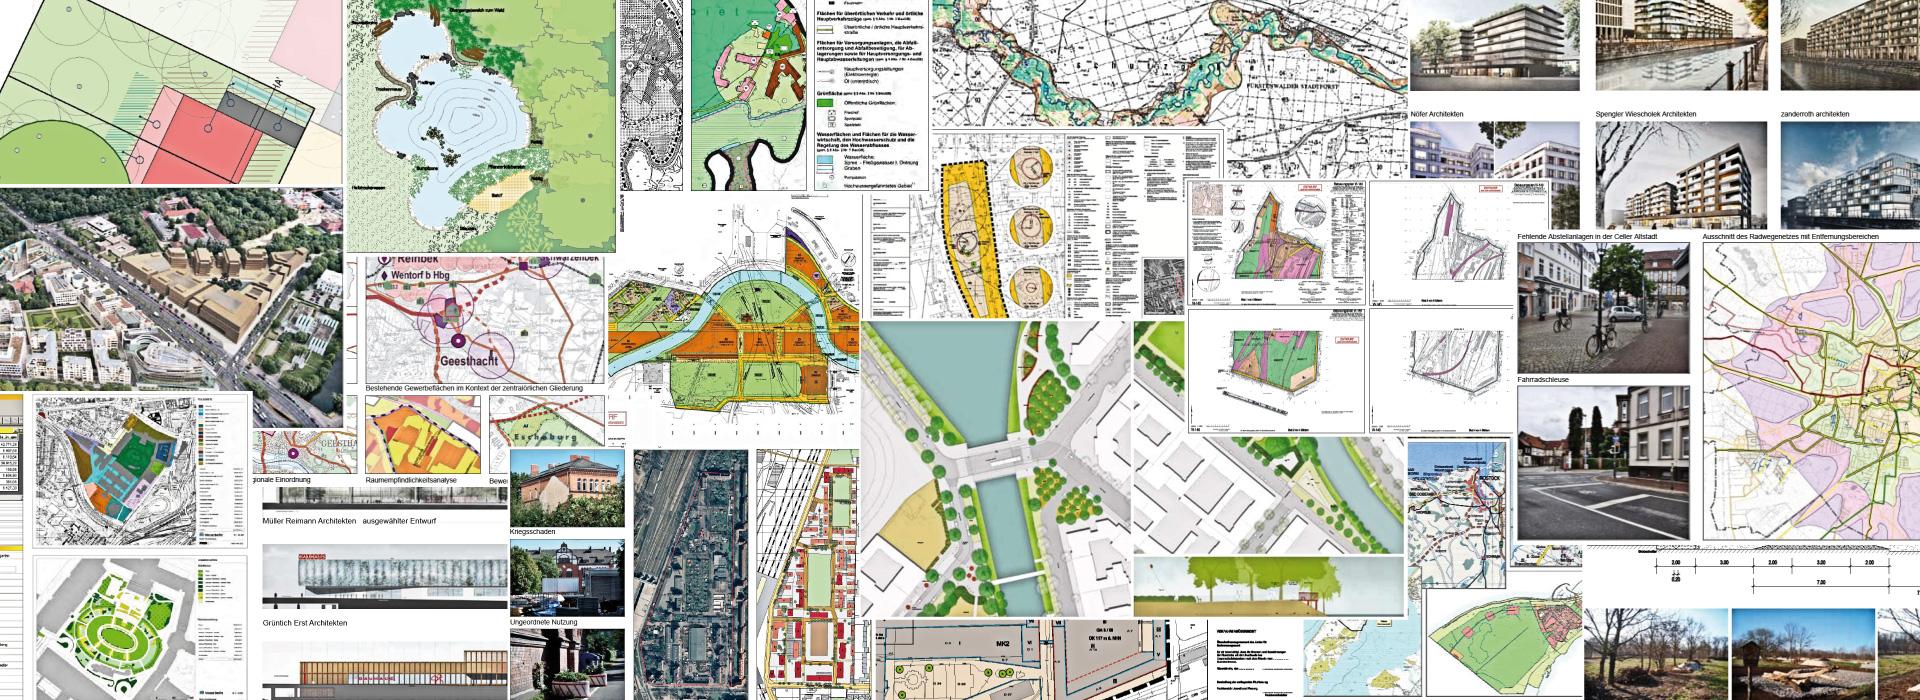 Freie Planungsgruppe Berlin